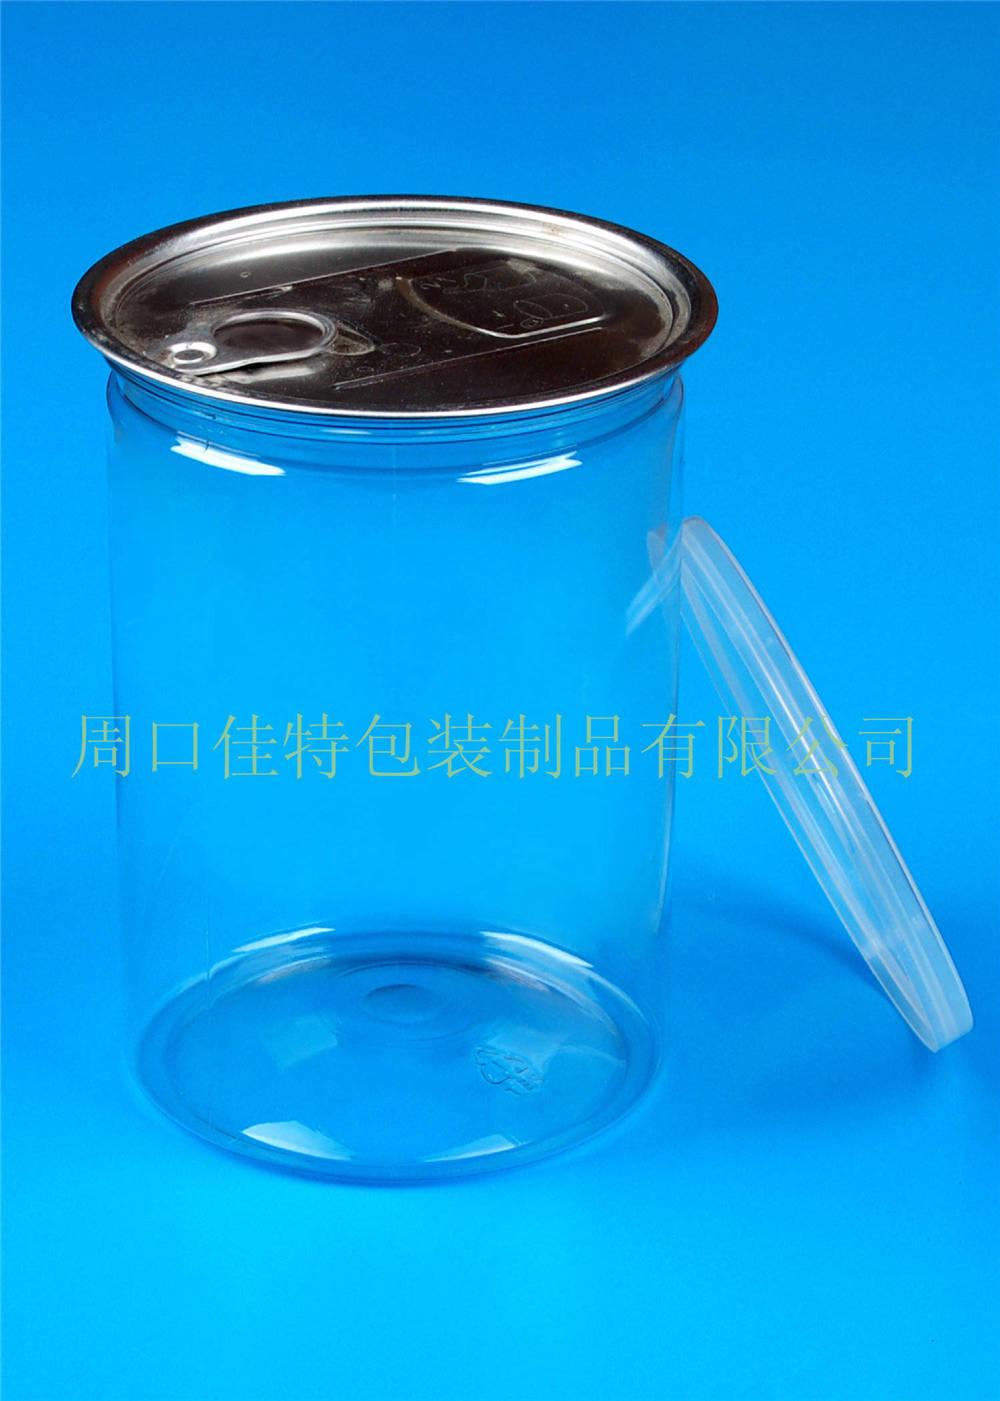 【组图】PET塑料瓶的加工方法 塑料易拉罐都具有哪些性能